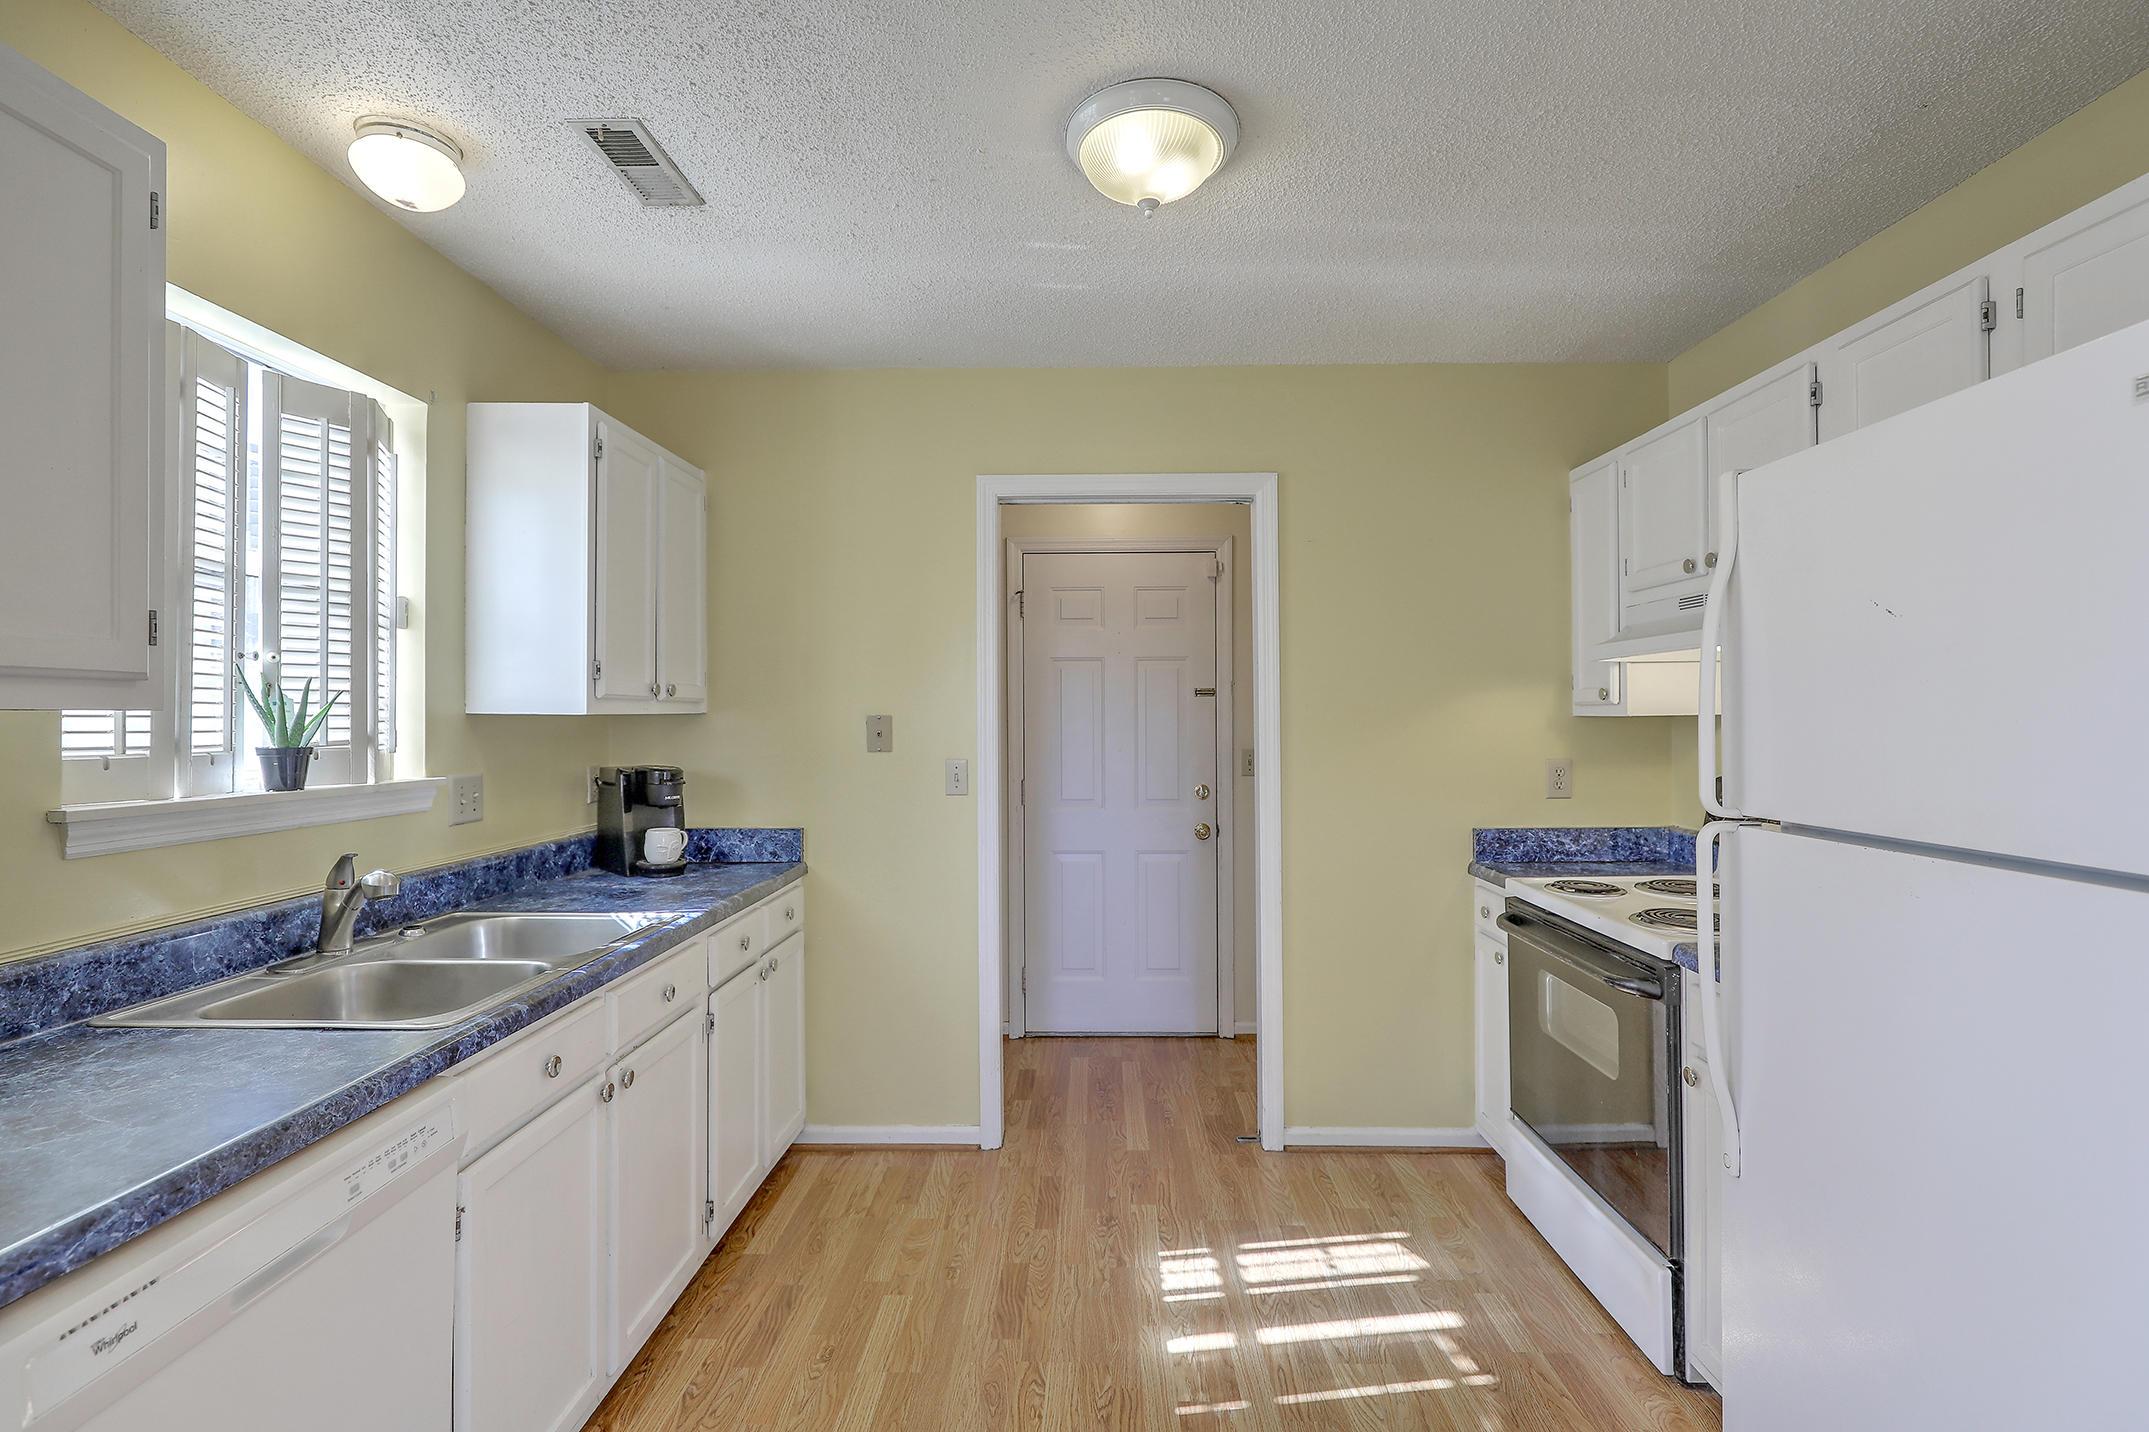 Crichton Parish Homes For Sale - 107 Parish Parc, Summerville, SC - 11